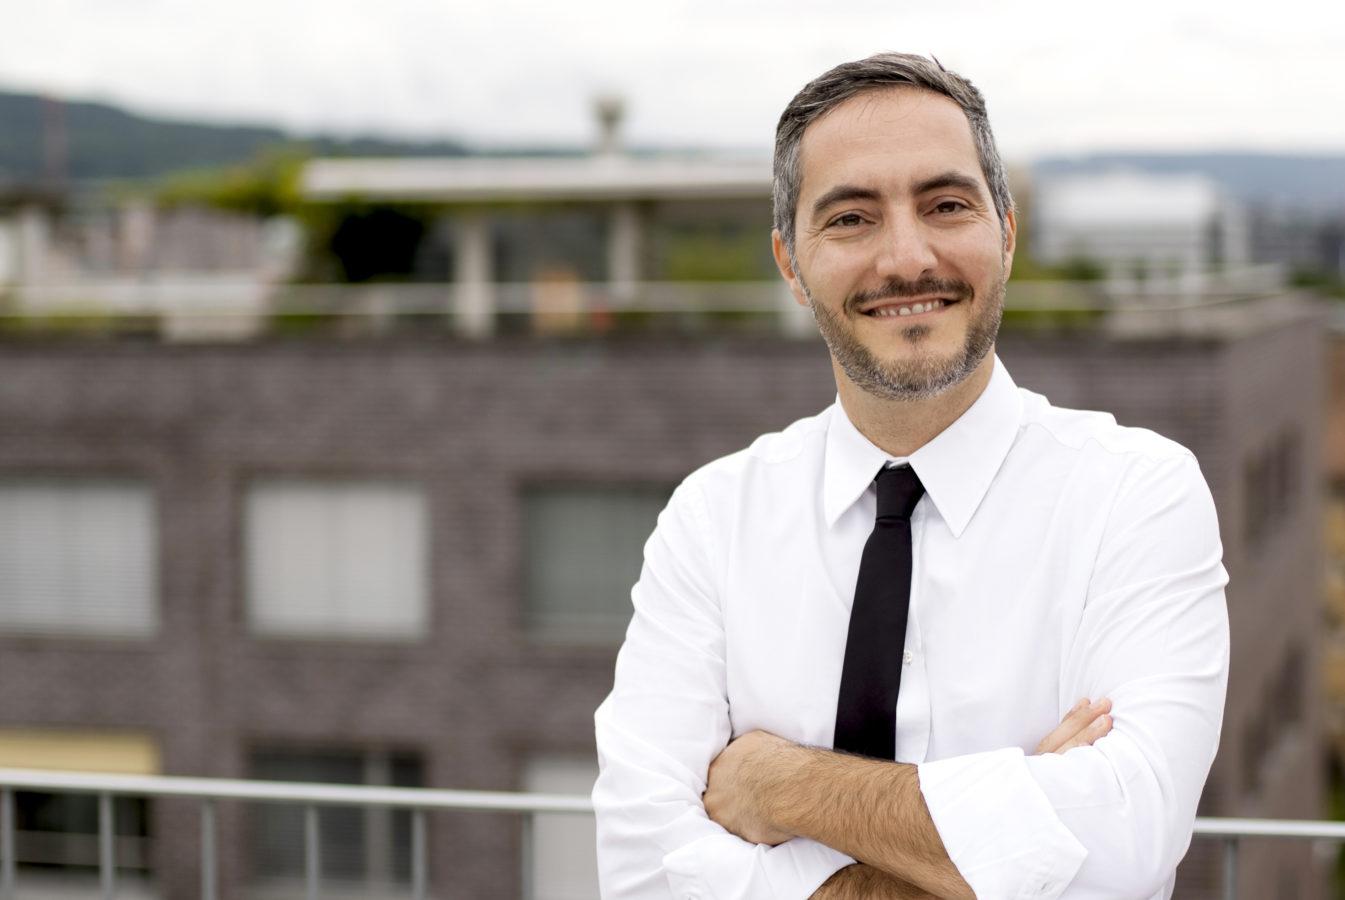 Interview de Viktor Calabro: «Il n'y a aucun secteur où la main-d'œuvre n'est pas touchée»